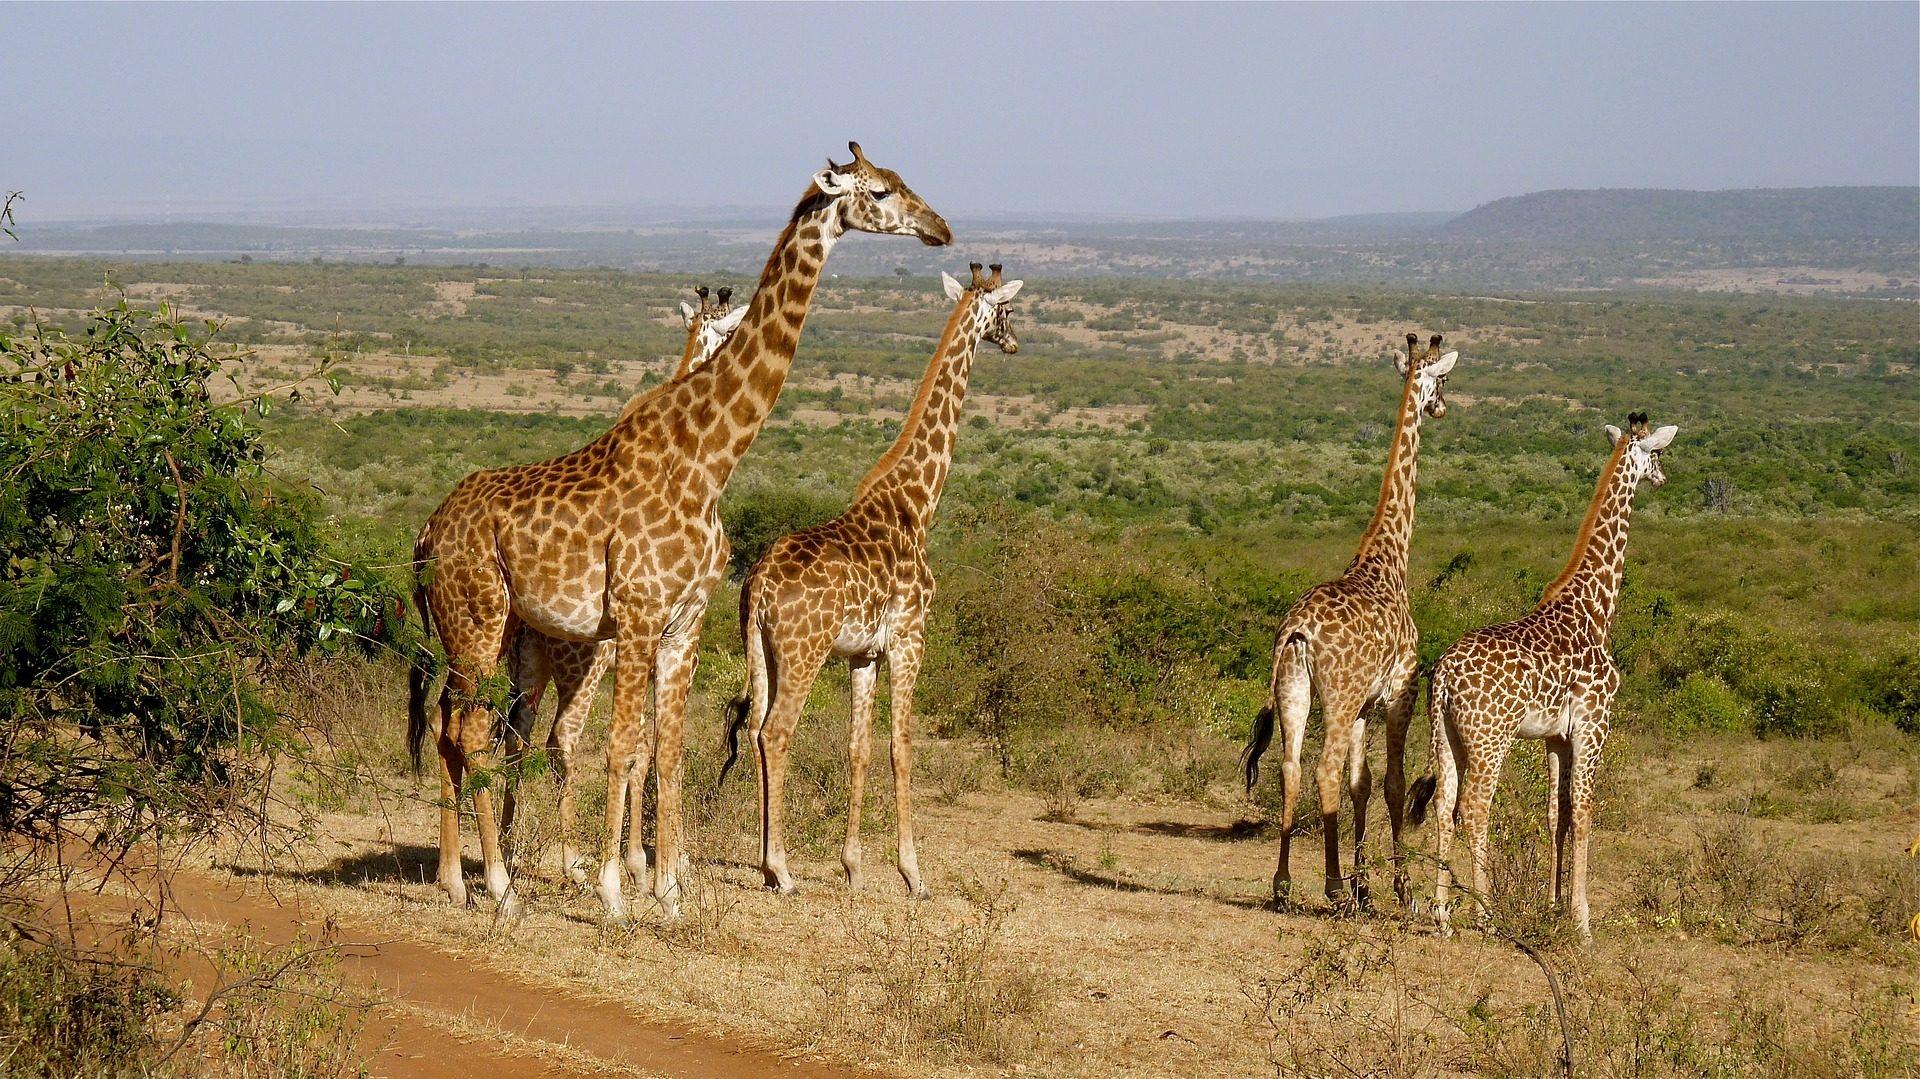 长颈鹿, 家庭, 平原, 字段, 国立公园, 肯尼亚 - 高清壁纸 - 教授-falken.com